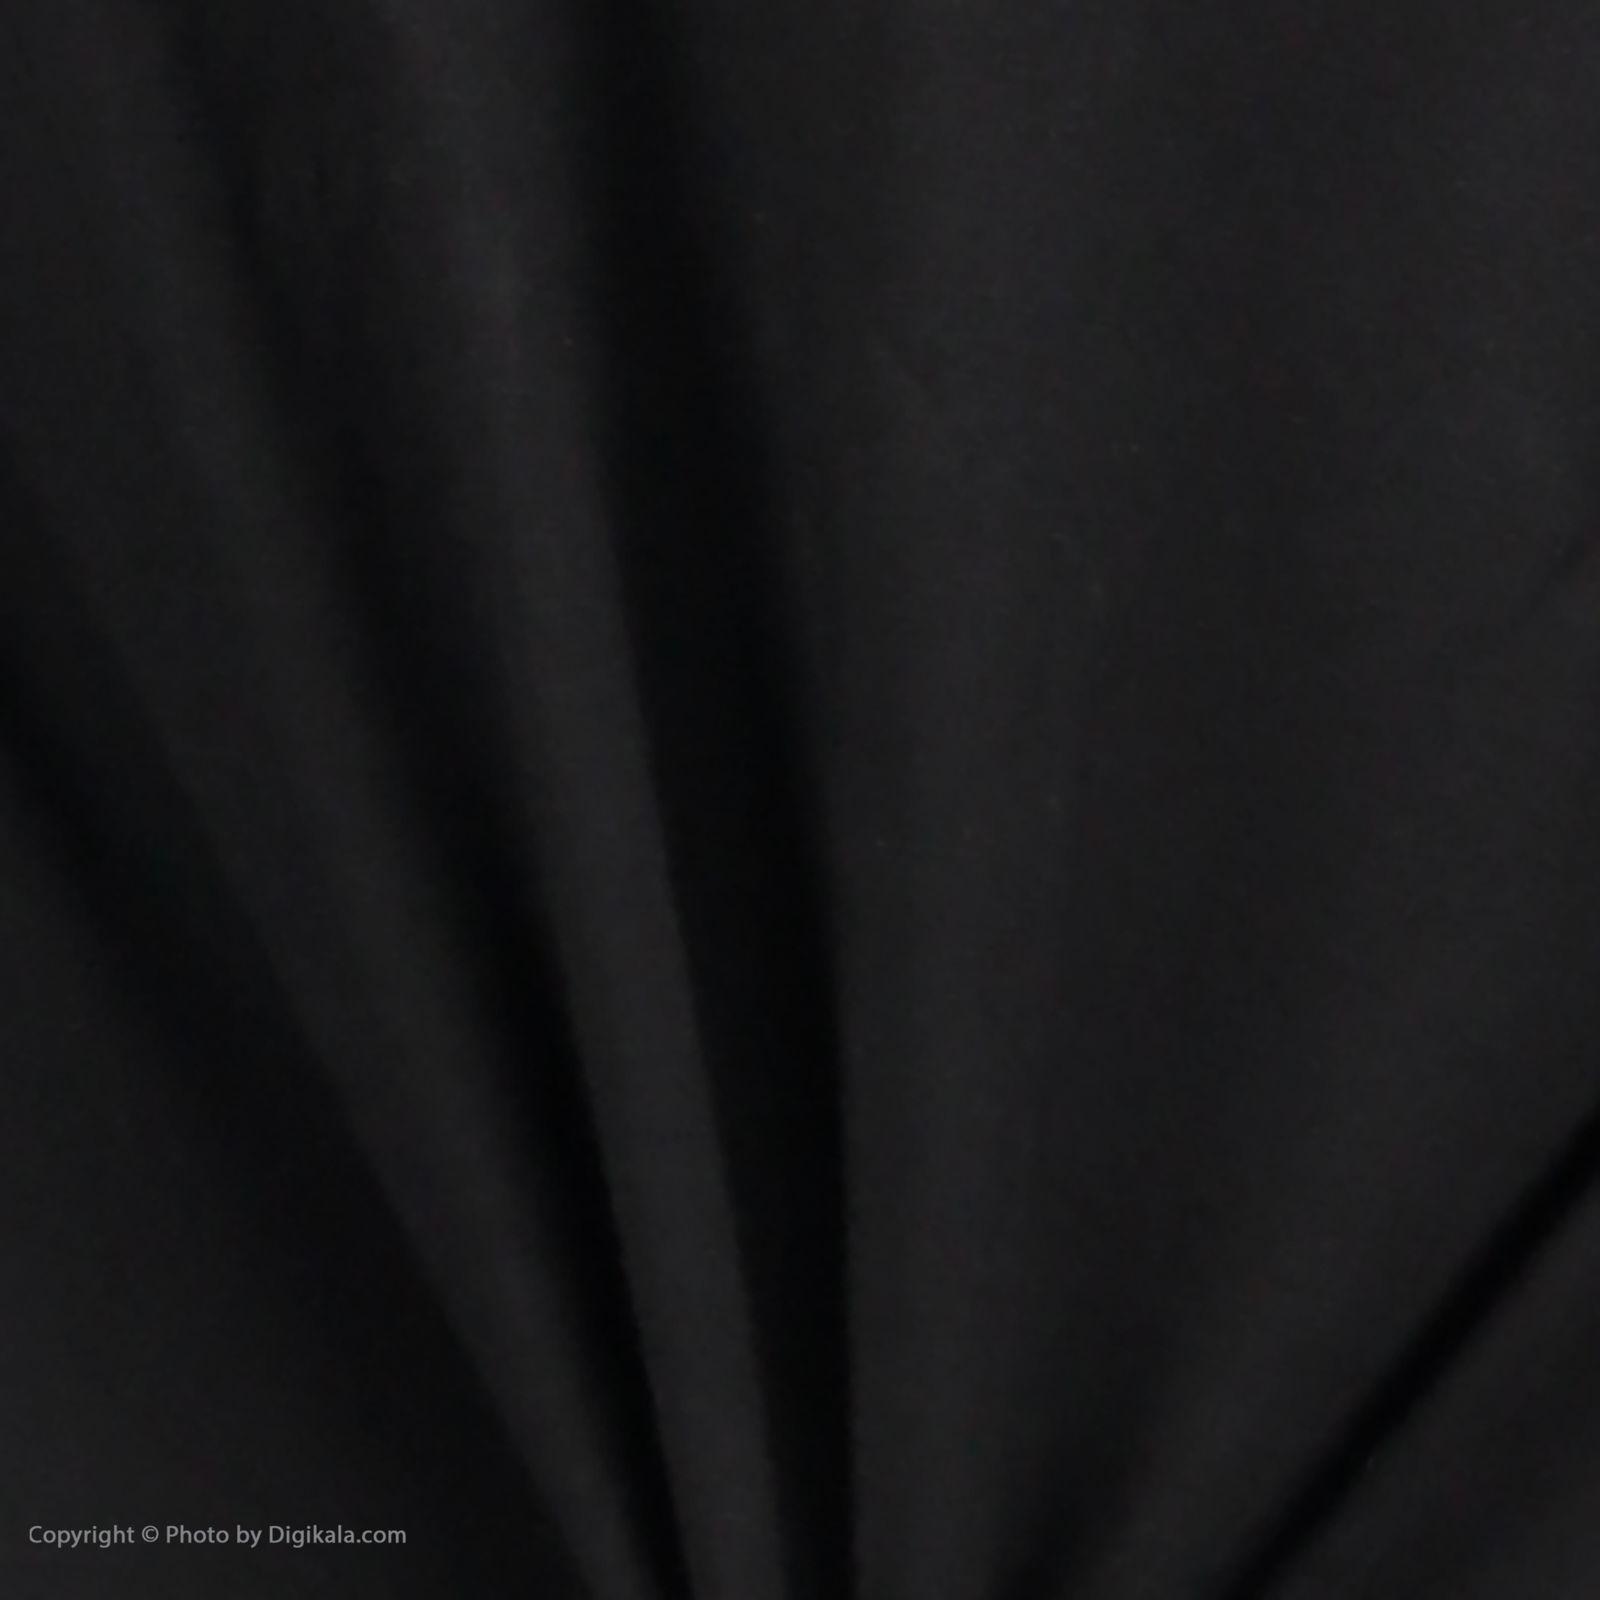 تاپ ورزشی زنانه یونی پرو مدل 814259305-95 -  - 6